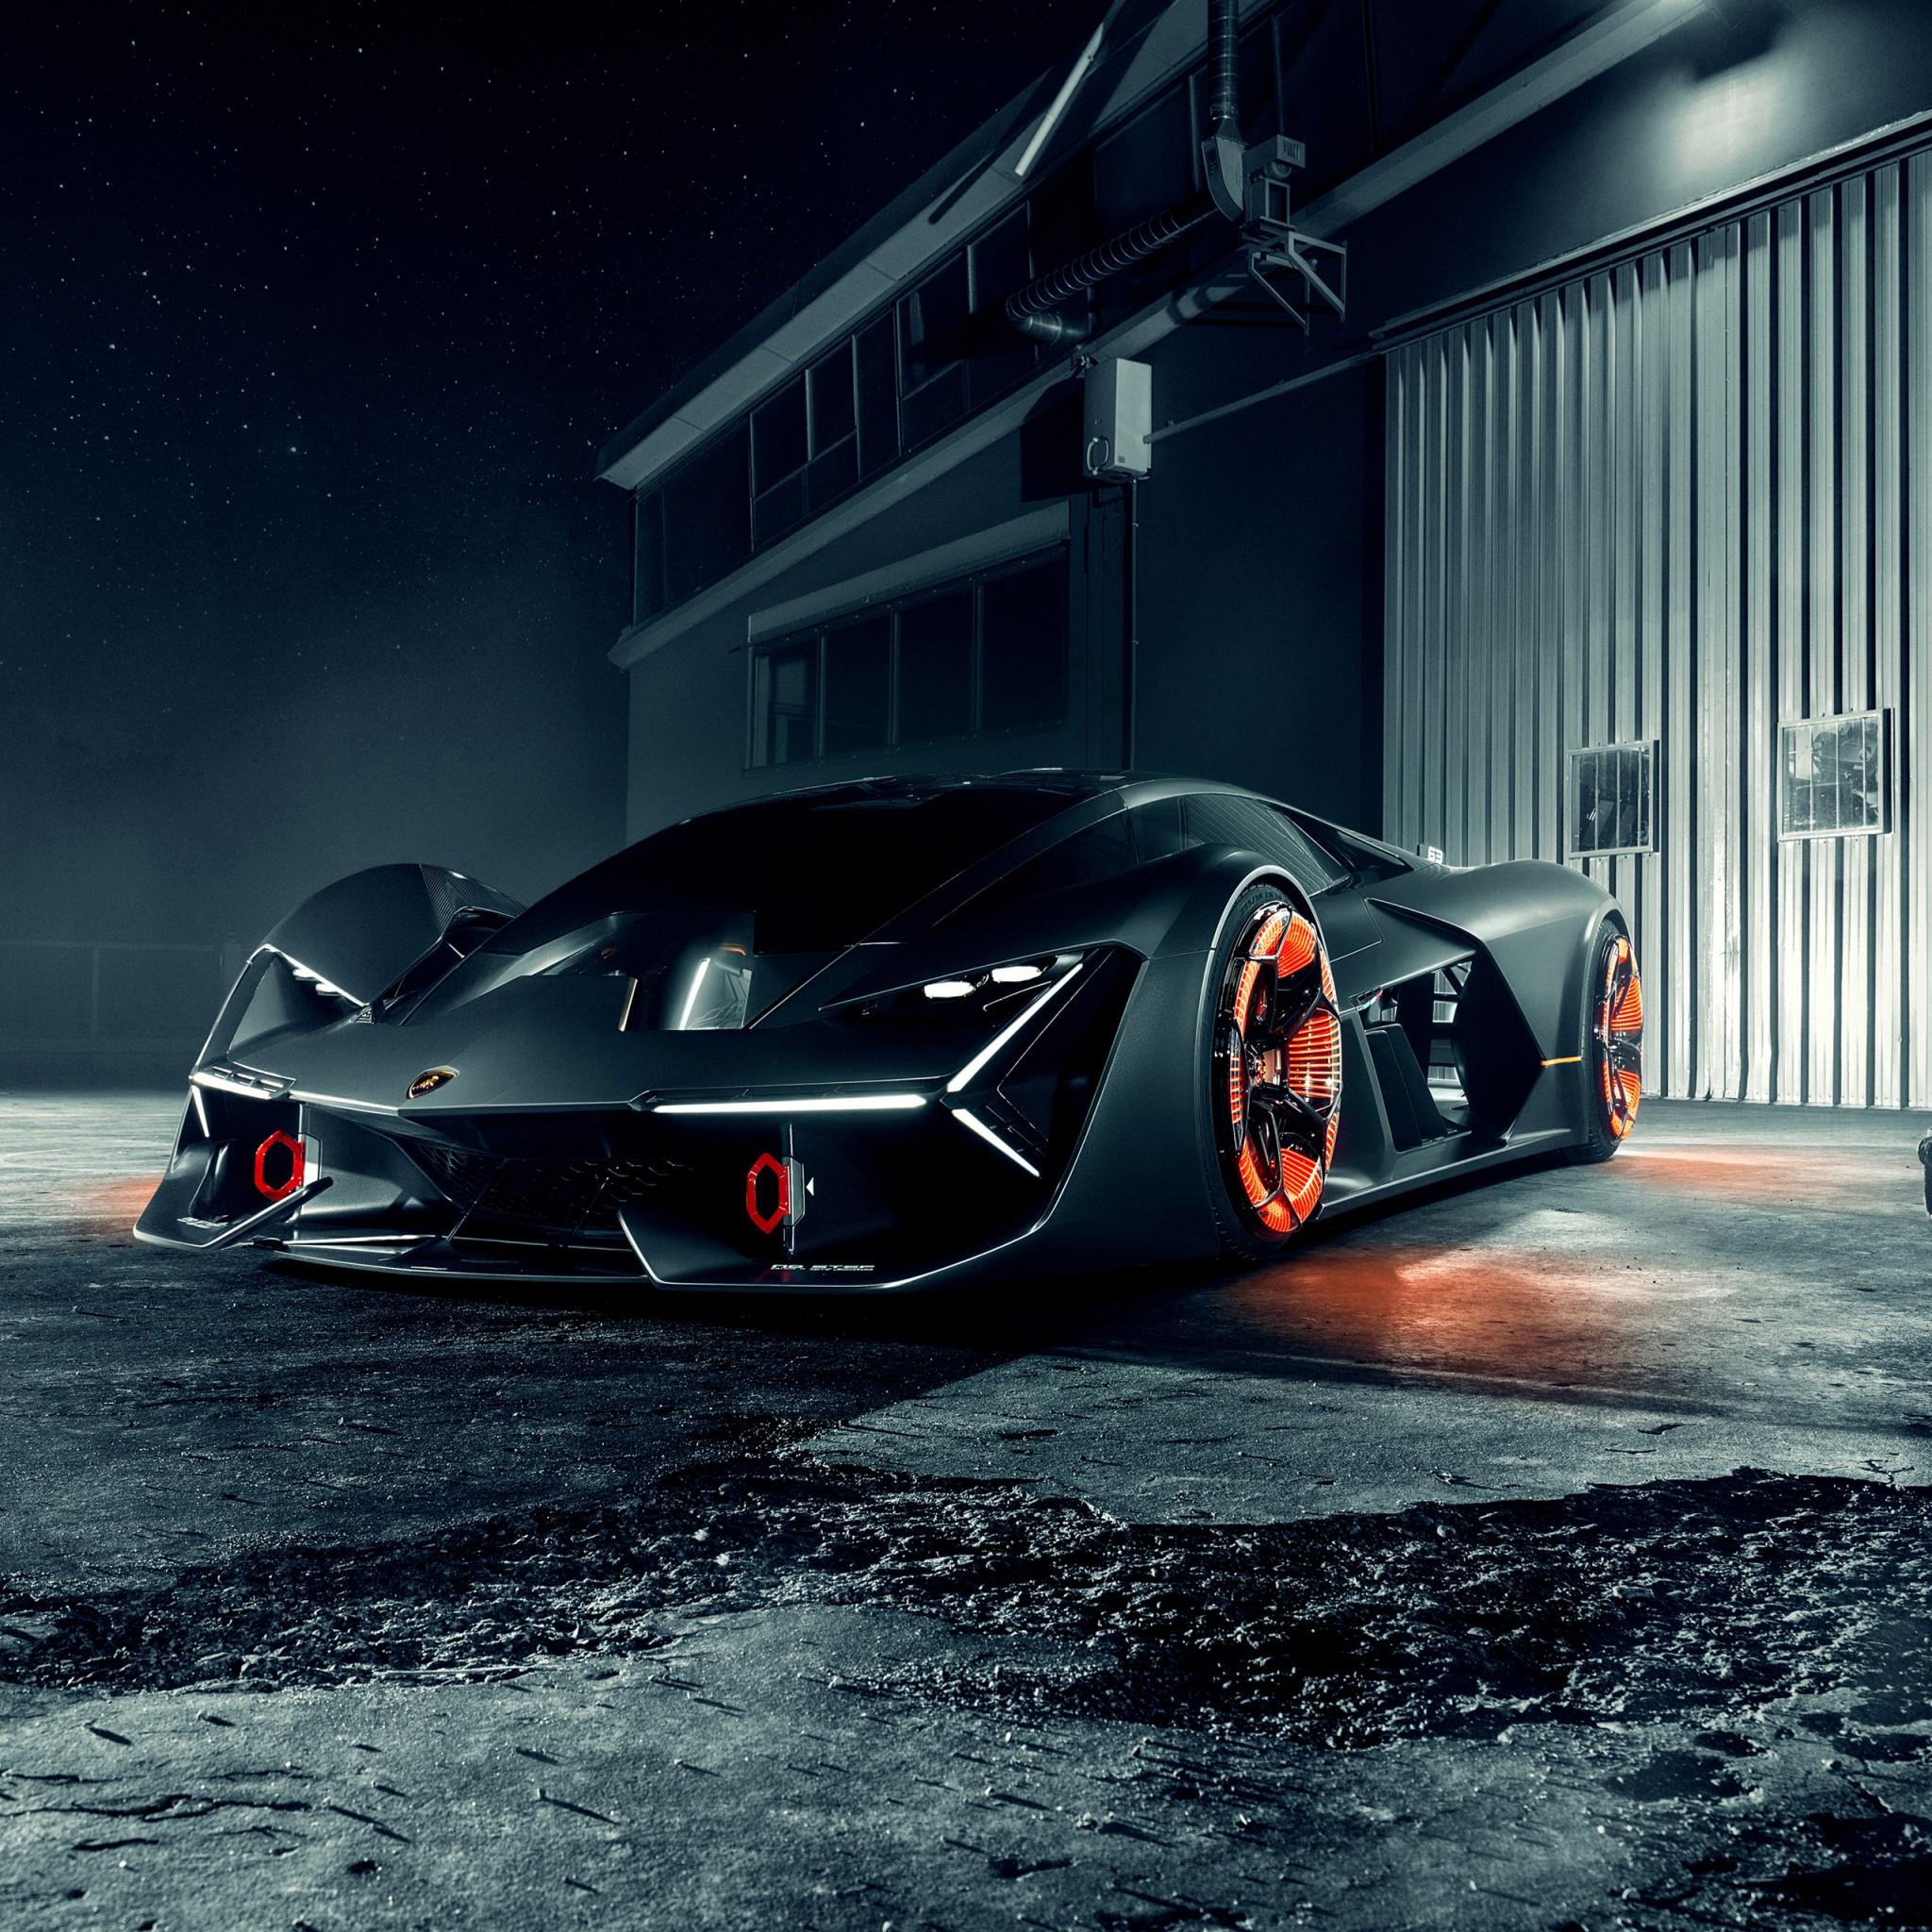 Lamborghini Terzo Millennio Concept 4k Wallpapers Hd